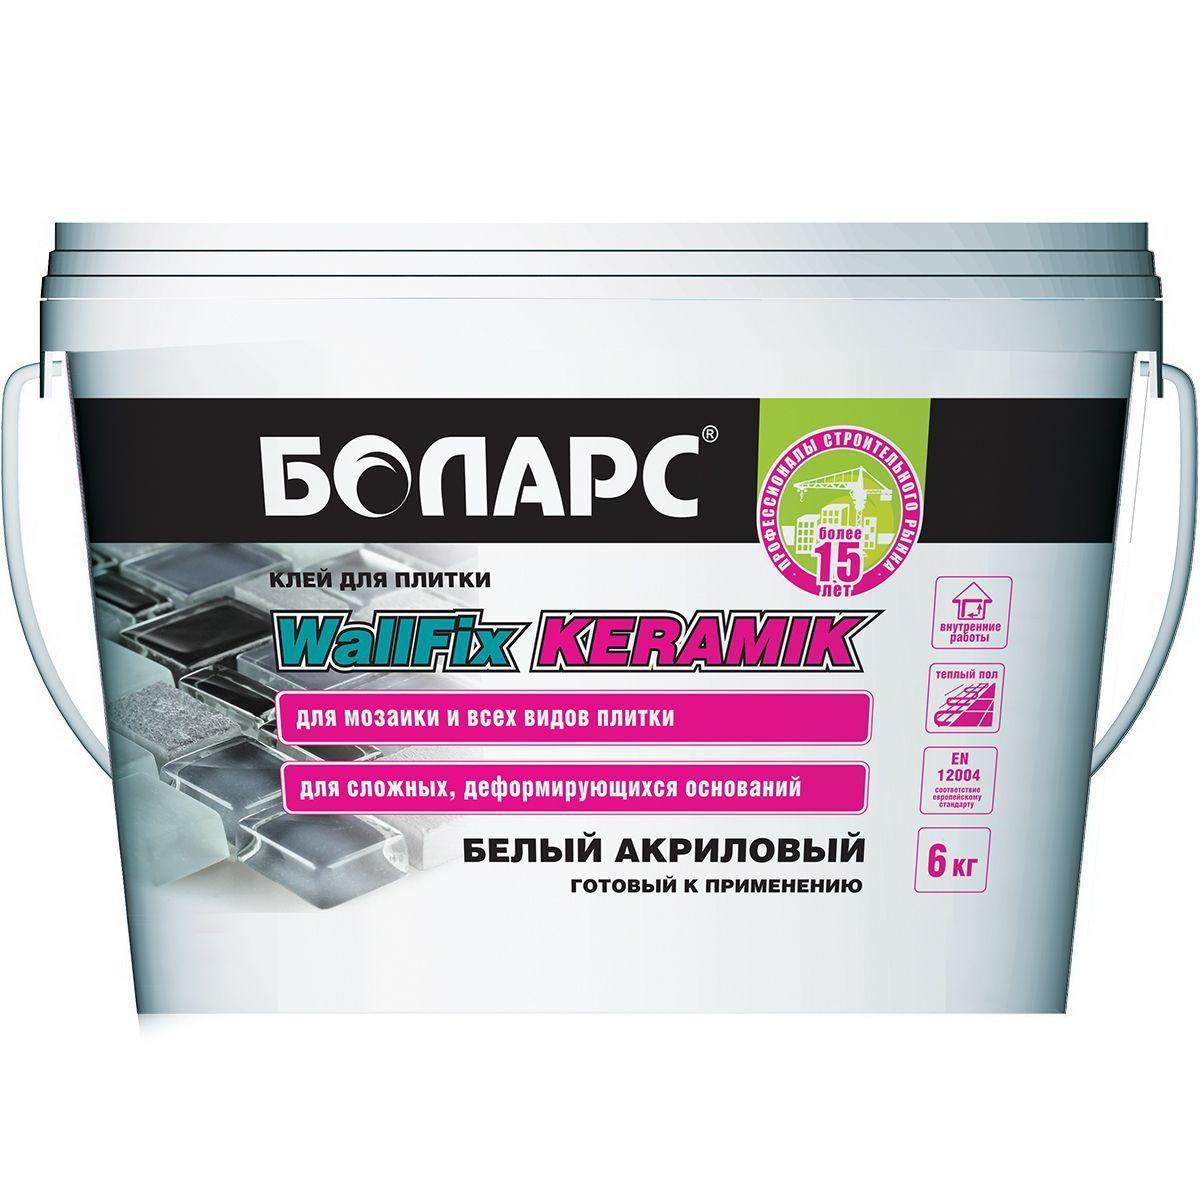 Клей для плитки Боларс  WallFix Keramik , 6 кг - Бытовая химия